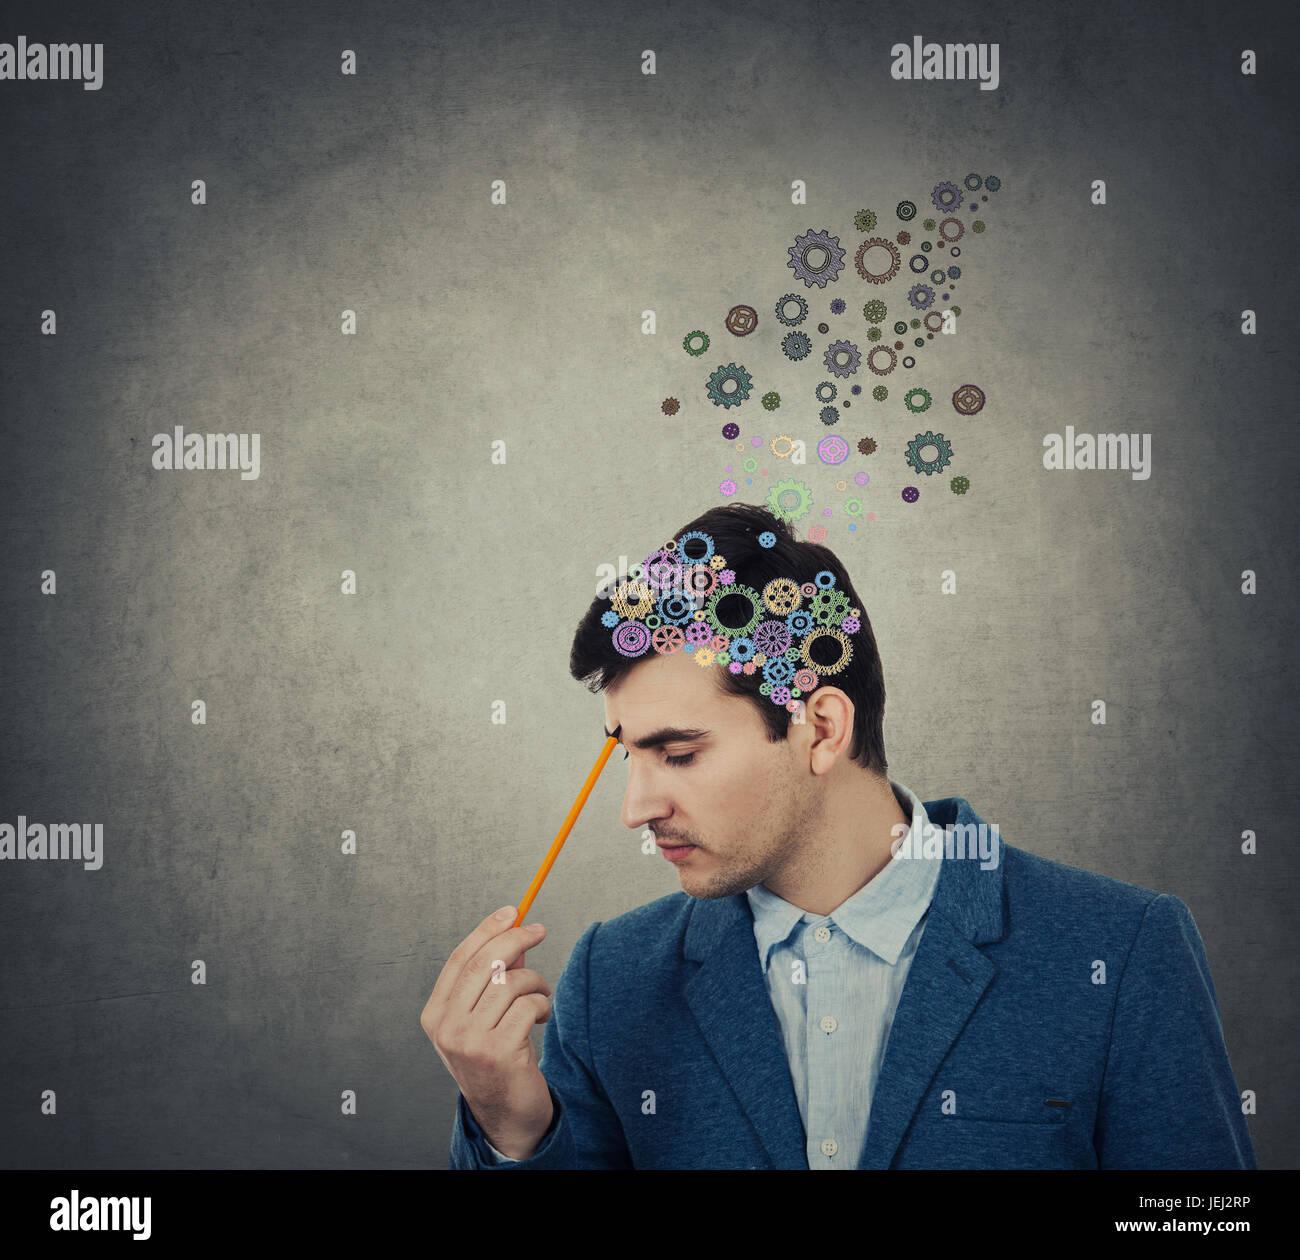 Erfolgreicher Geschäftsmann denken und schaffen mit einem Bleistift wies auf seinen Kopf eine Coloruful Gehirn Stockbild